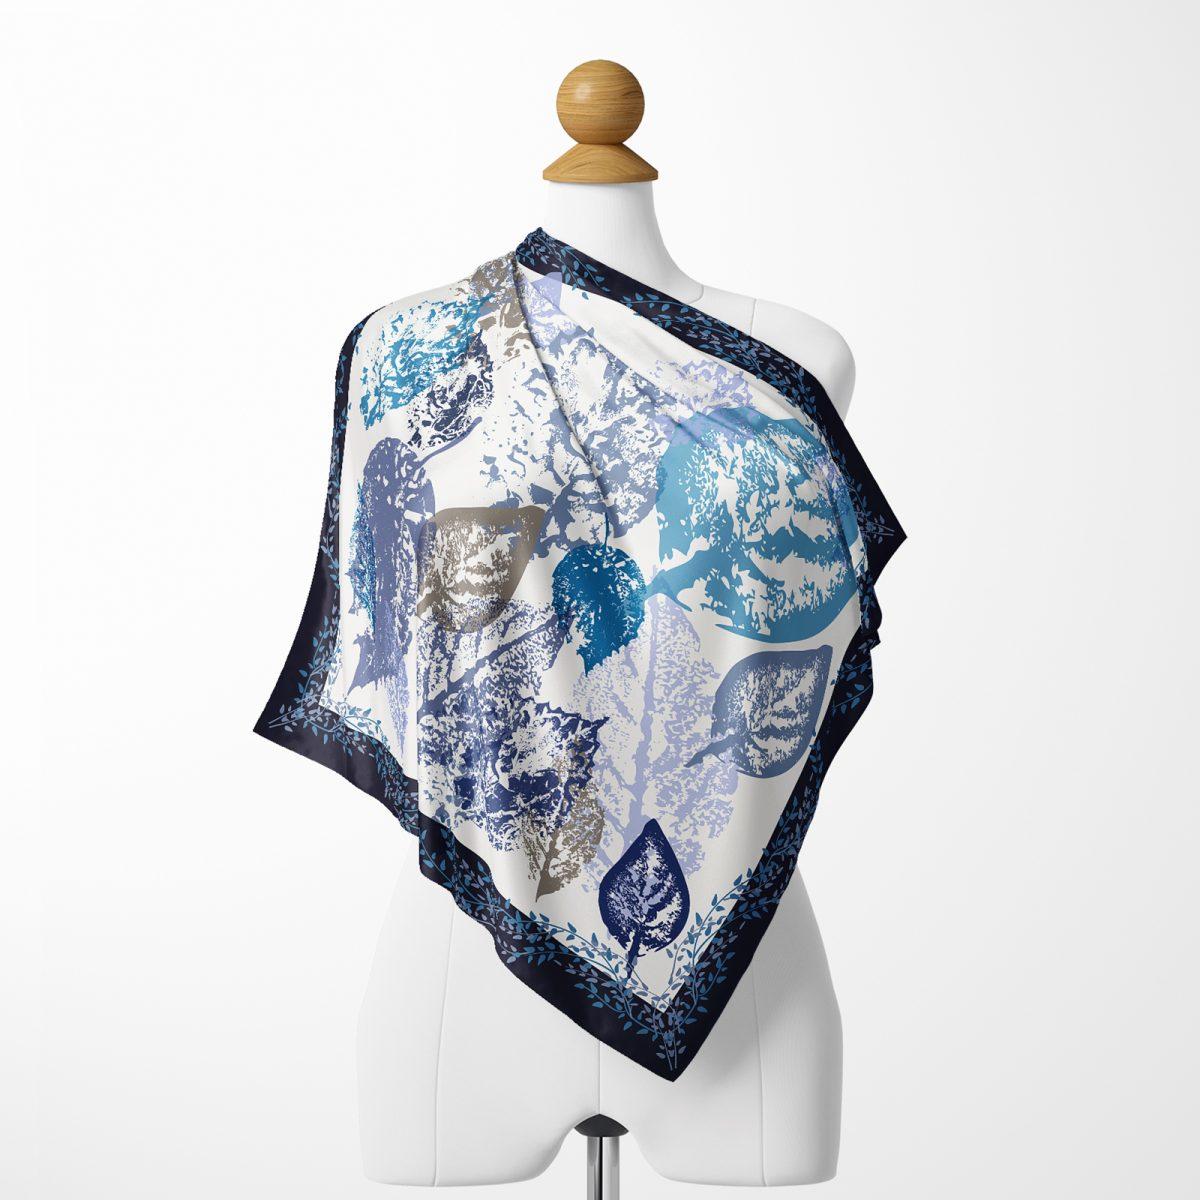 Realhomes Moda  Beyaz Zeminde Mavi Yaprak Motifli Dijital Baskılı Modern Tivil Eşarp Realhomes